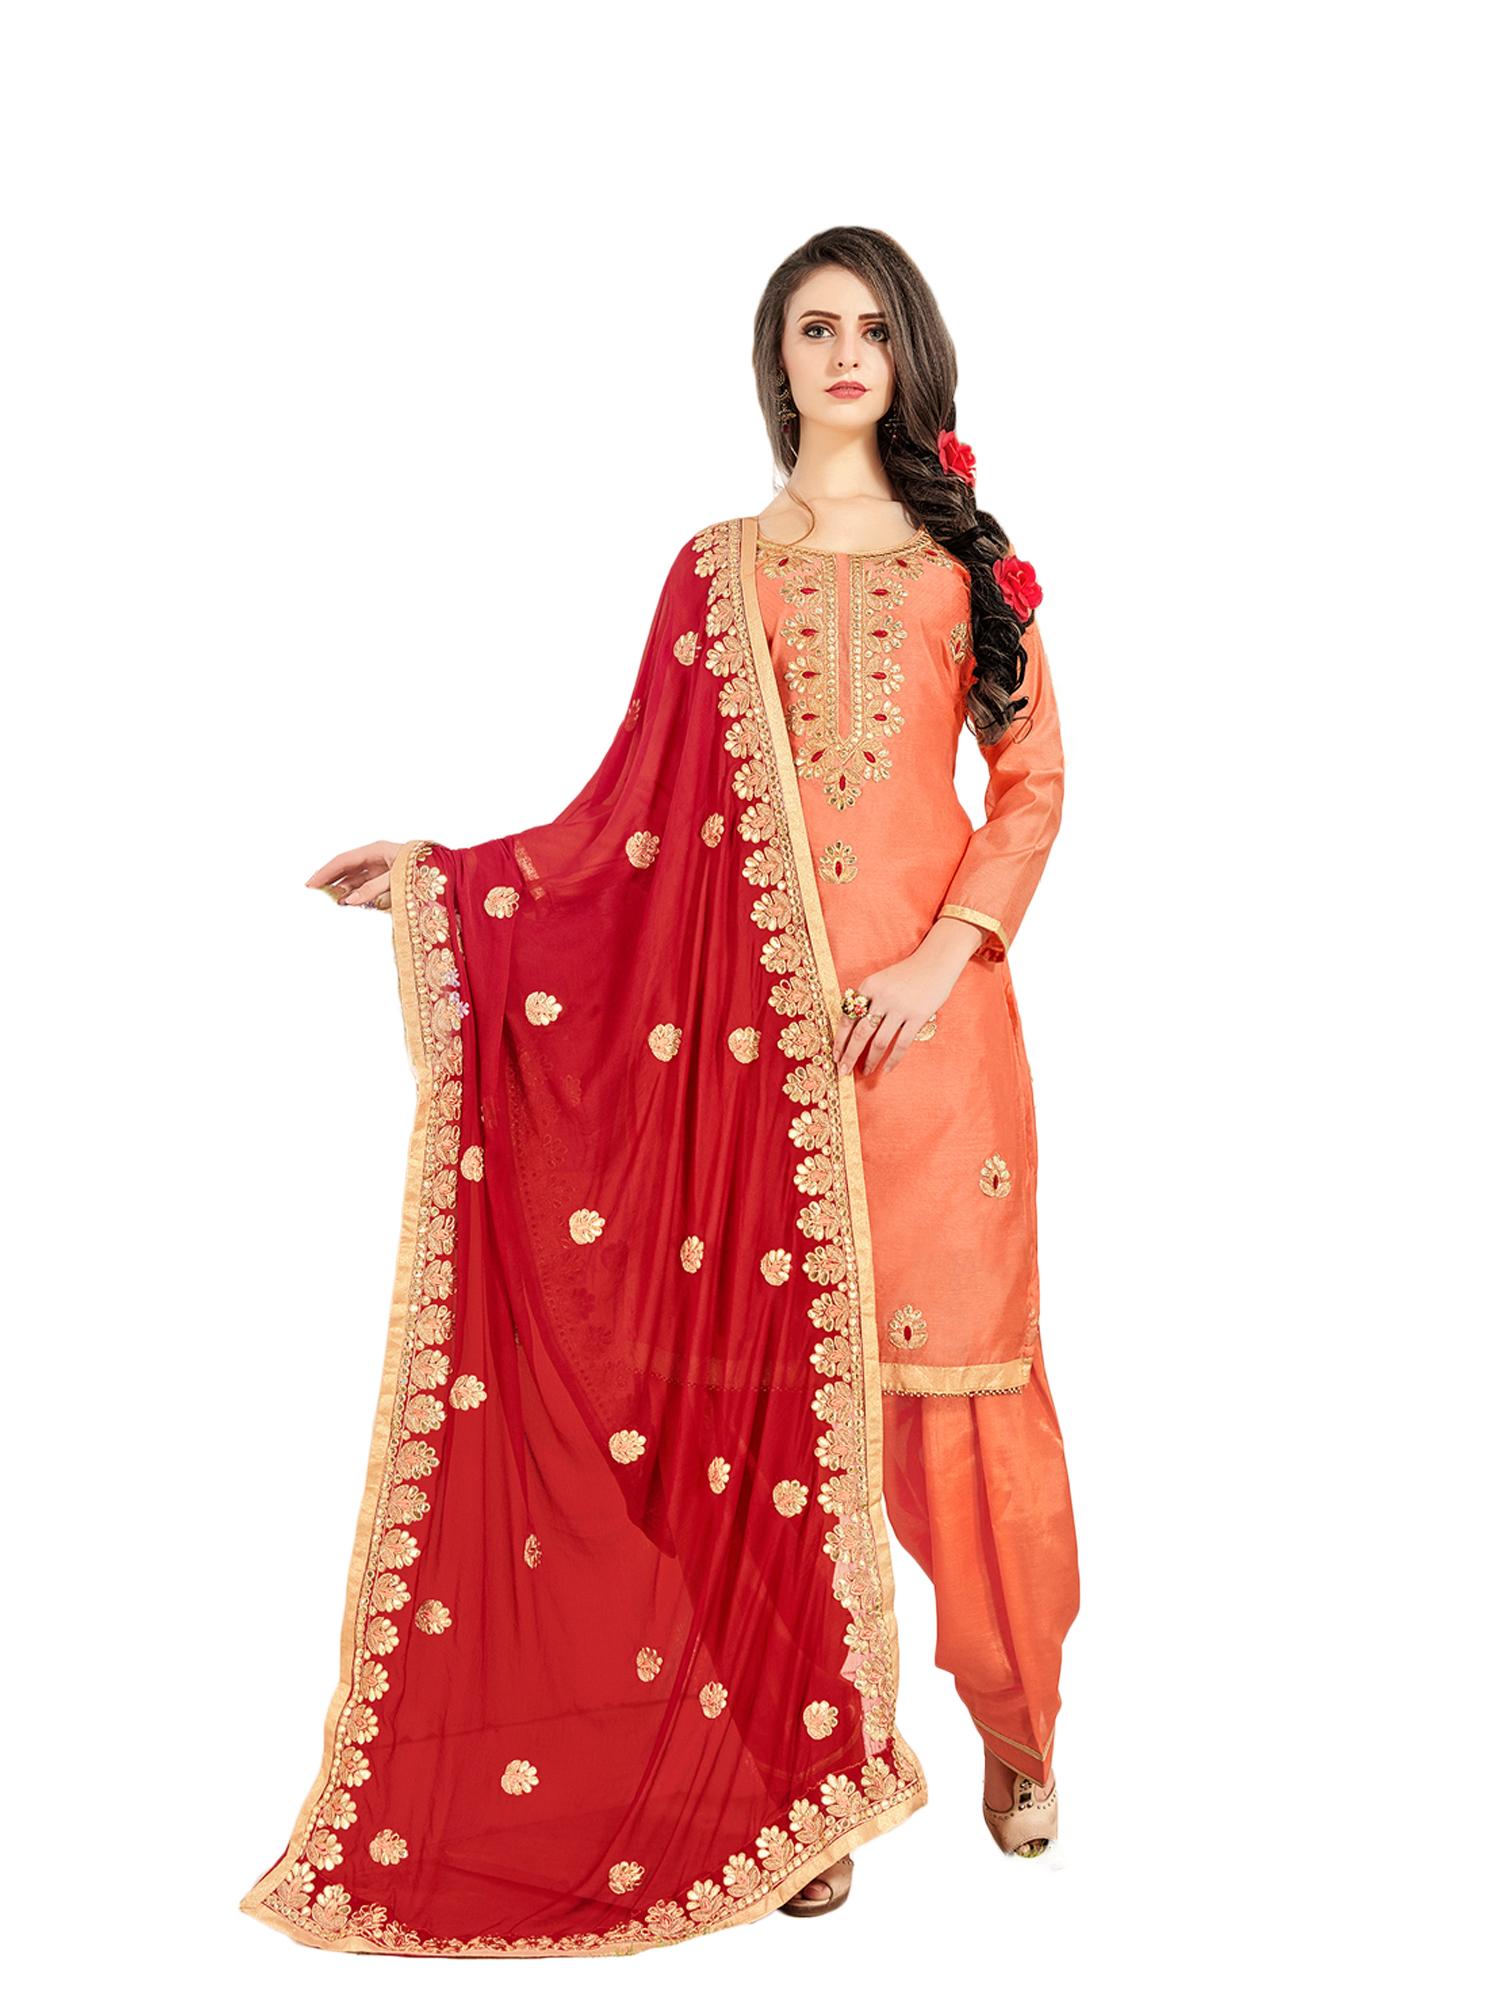 507abeeca6 Orange gota patti work chanderi silk unstitched salwar with dupatta - Nallu  Collection - 2668887